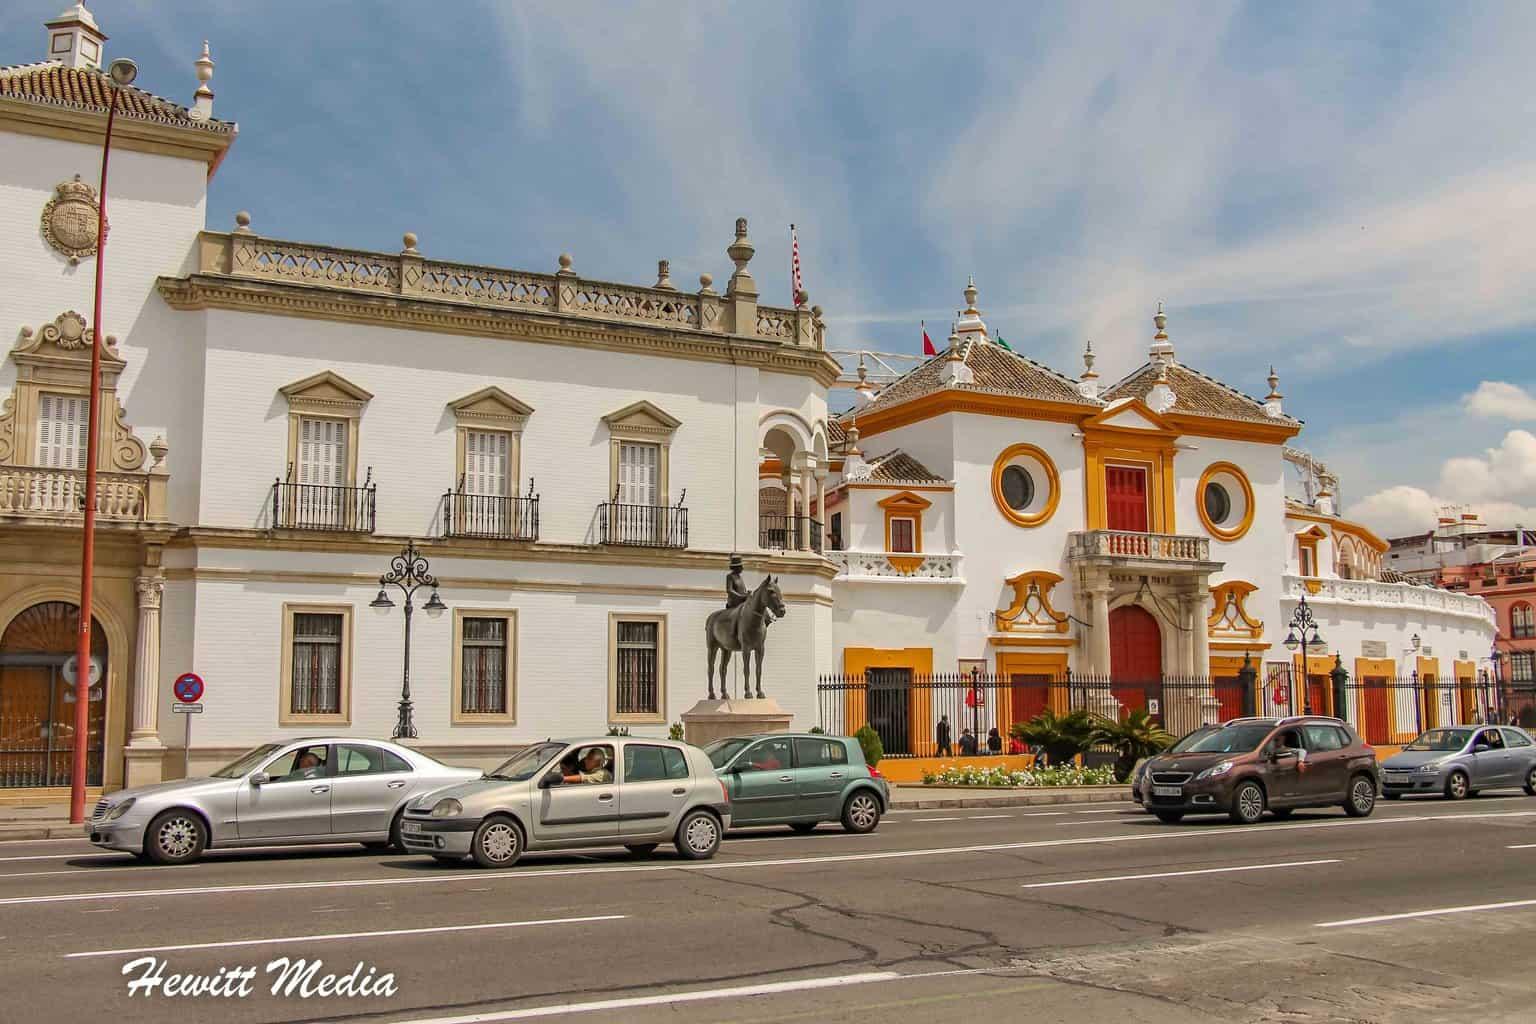 Plaza de toros de la Real Maestranza de Caballería de Sevilla